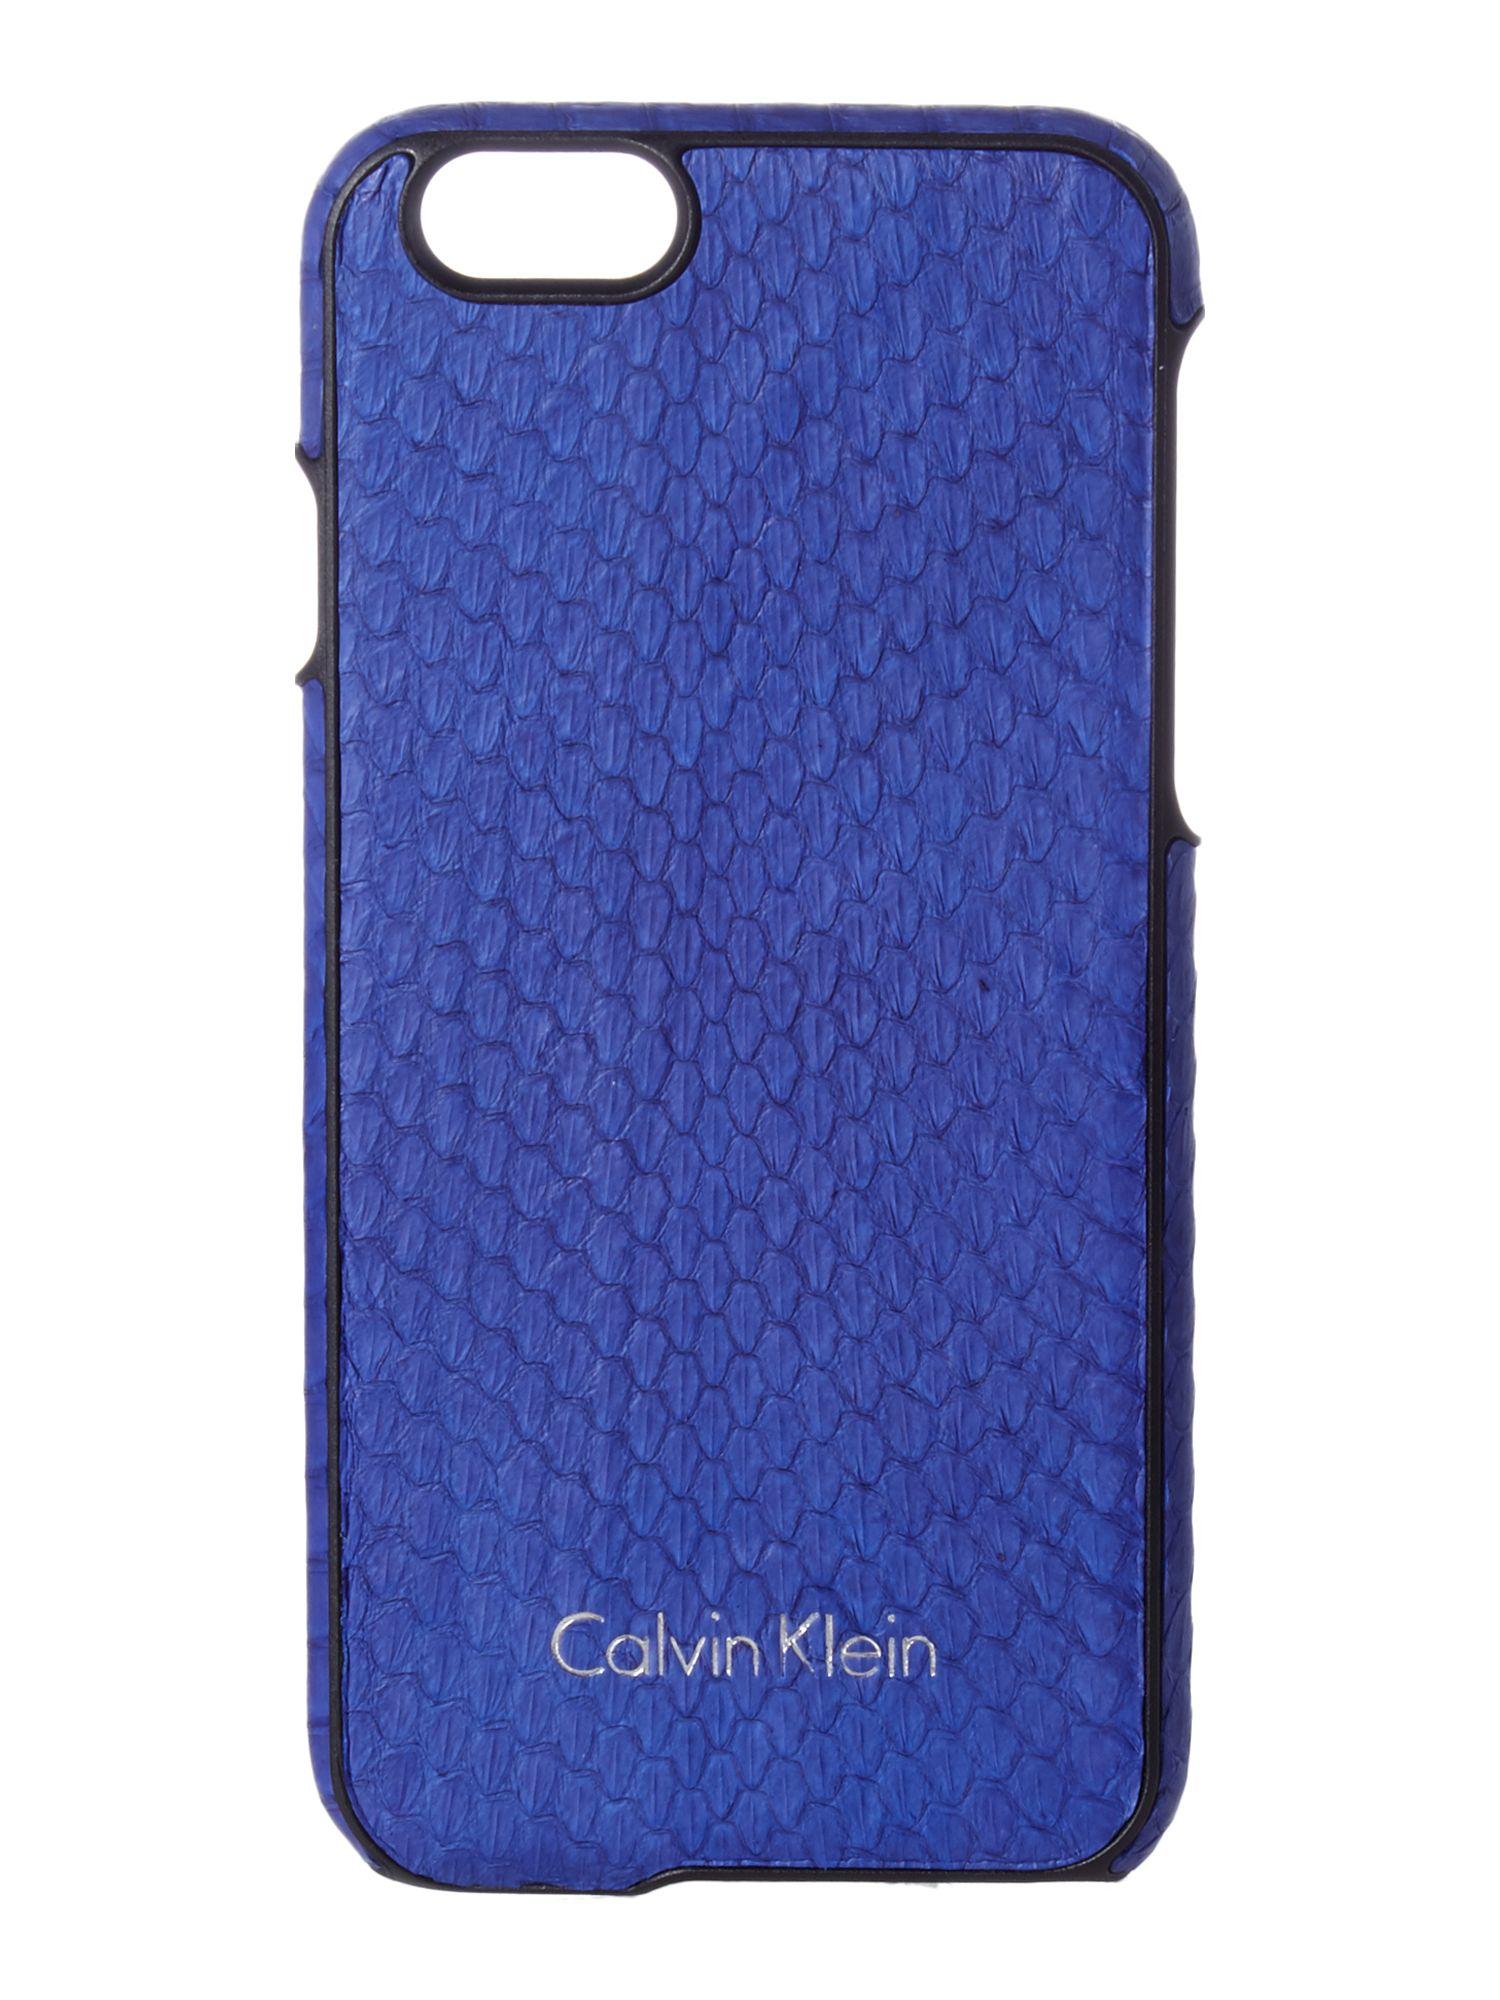 custodia iphone 6 calvin klein